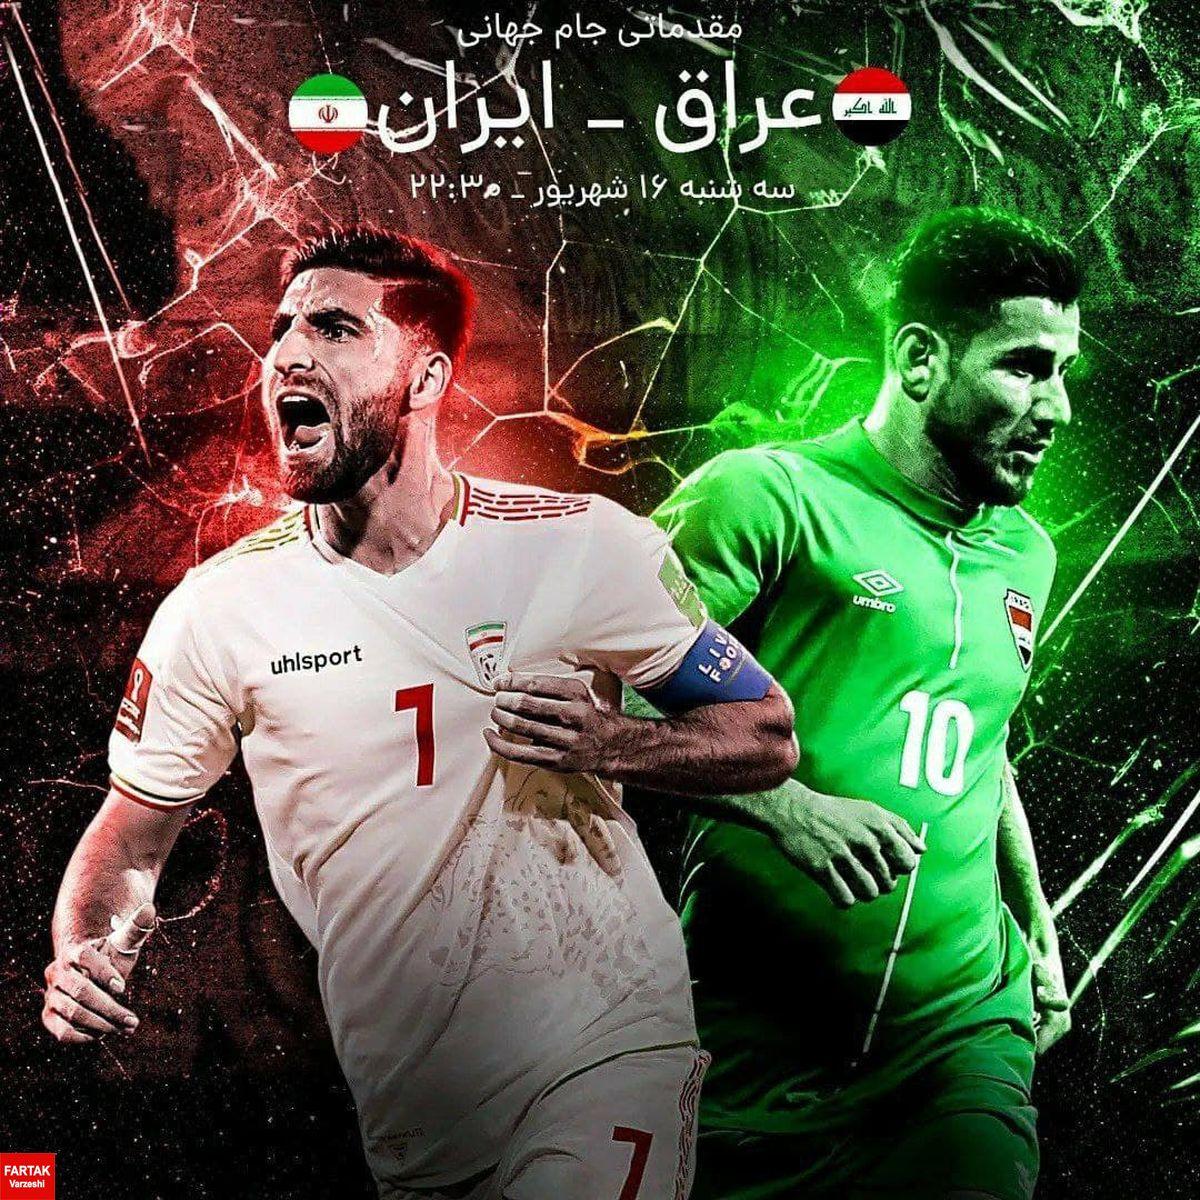 اختصاصی/ عراق شبیه سوریه! / مبارزه با تیم کامل